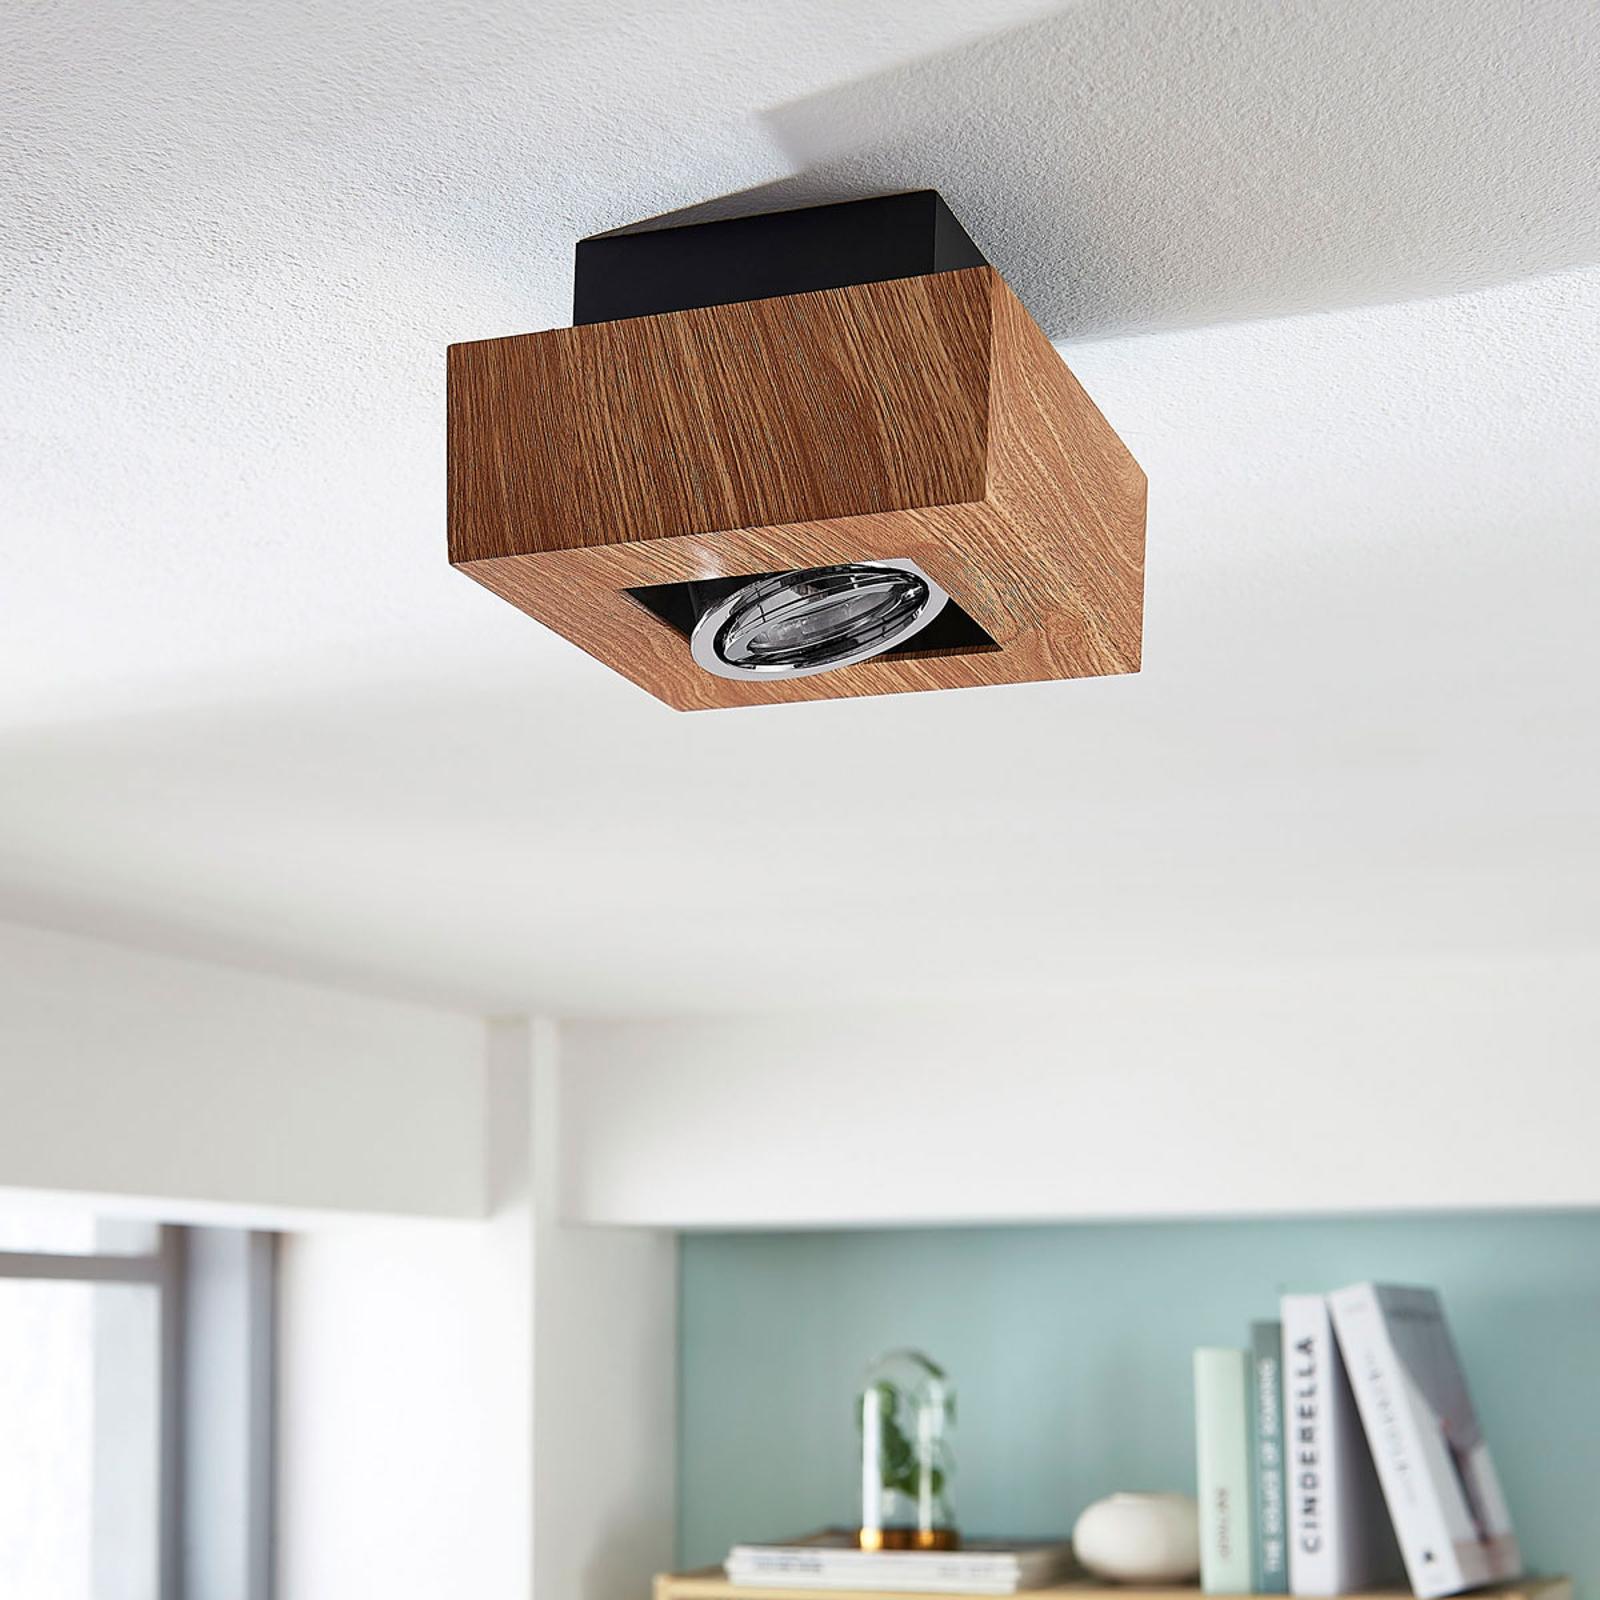 Plafonnier LED Vince, 14x14cm en aspect bois